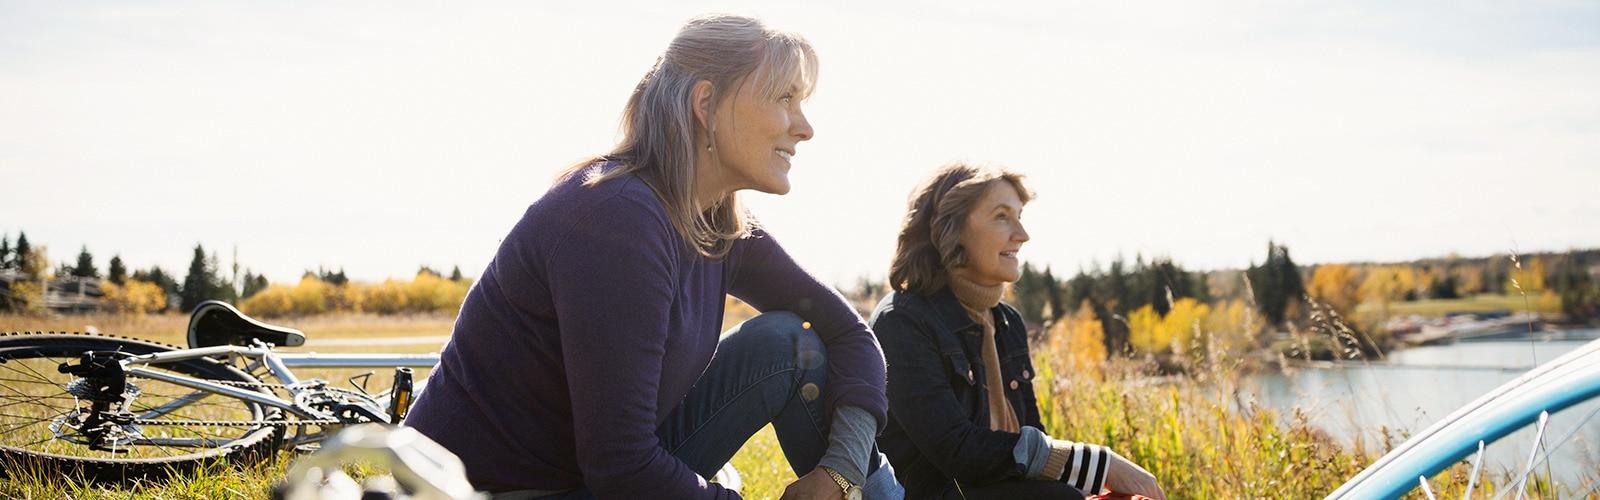 Две женщины с велосипедами отдыхают на залитом солнцем поле